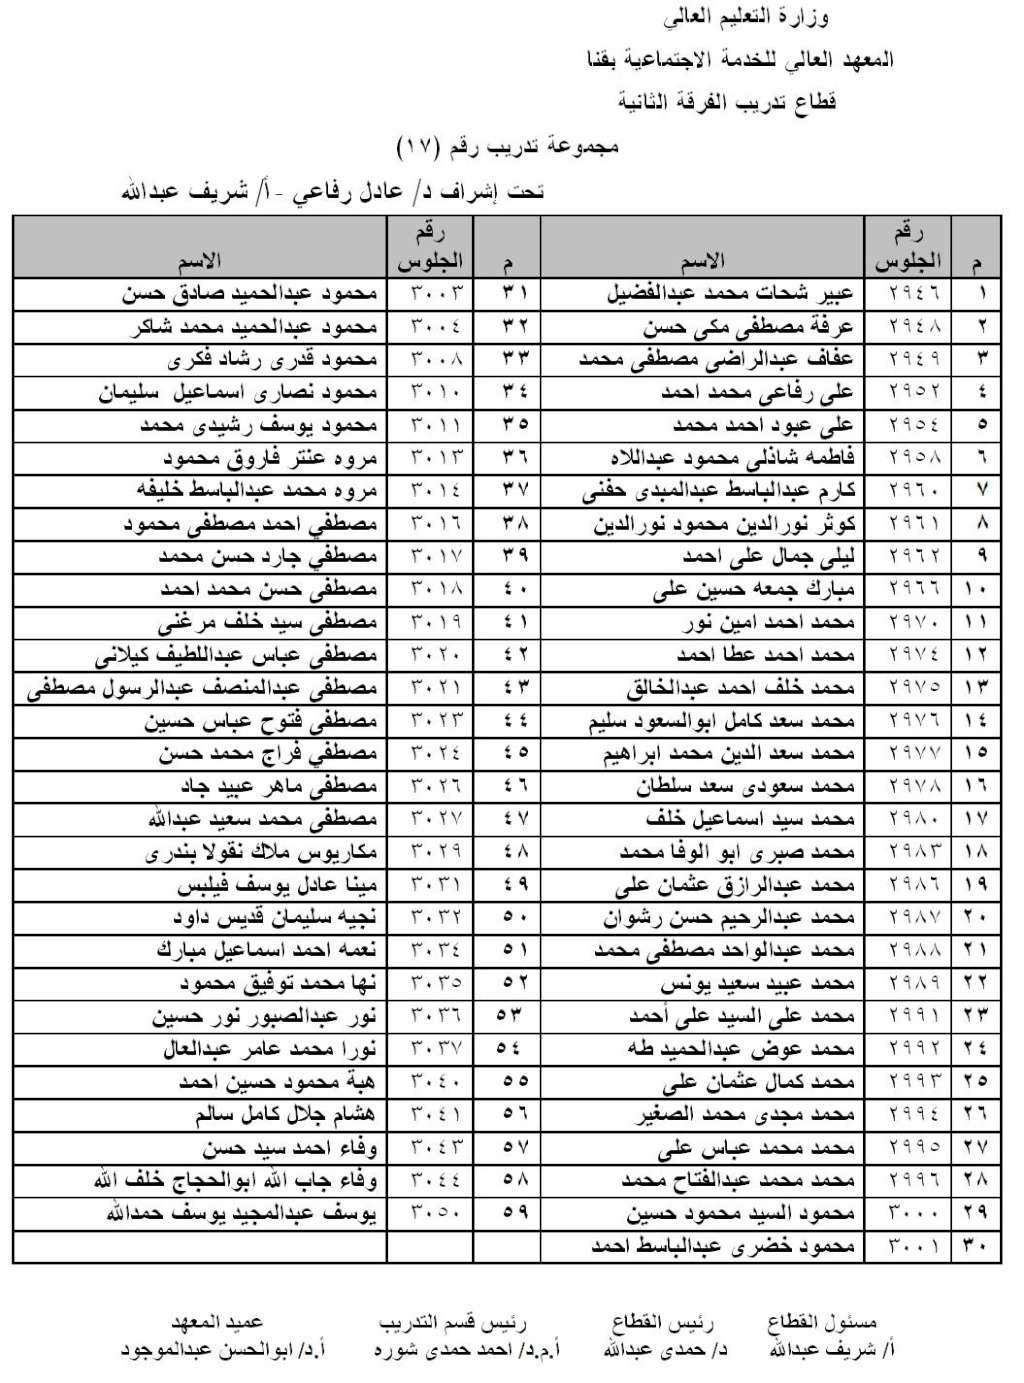 توزيع مجموعات تدريب الفرقة الثانية 2014 - 2015 1710